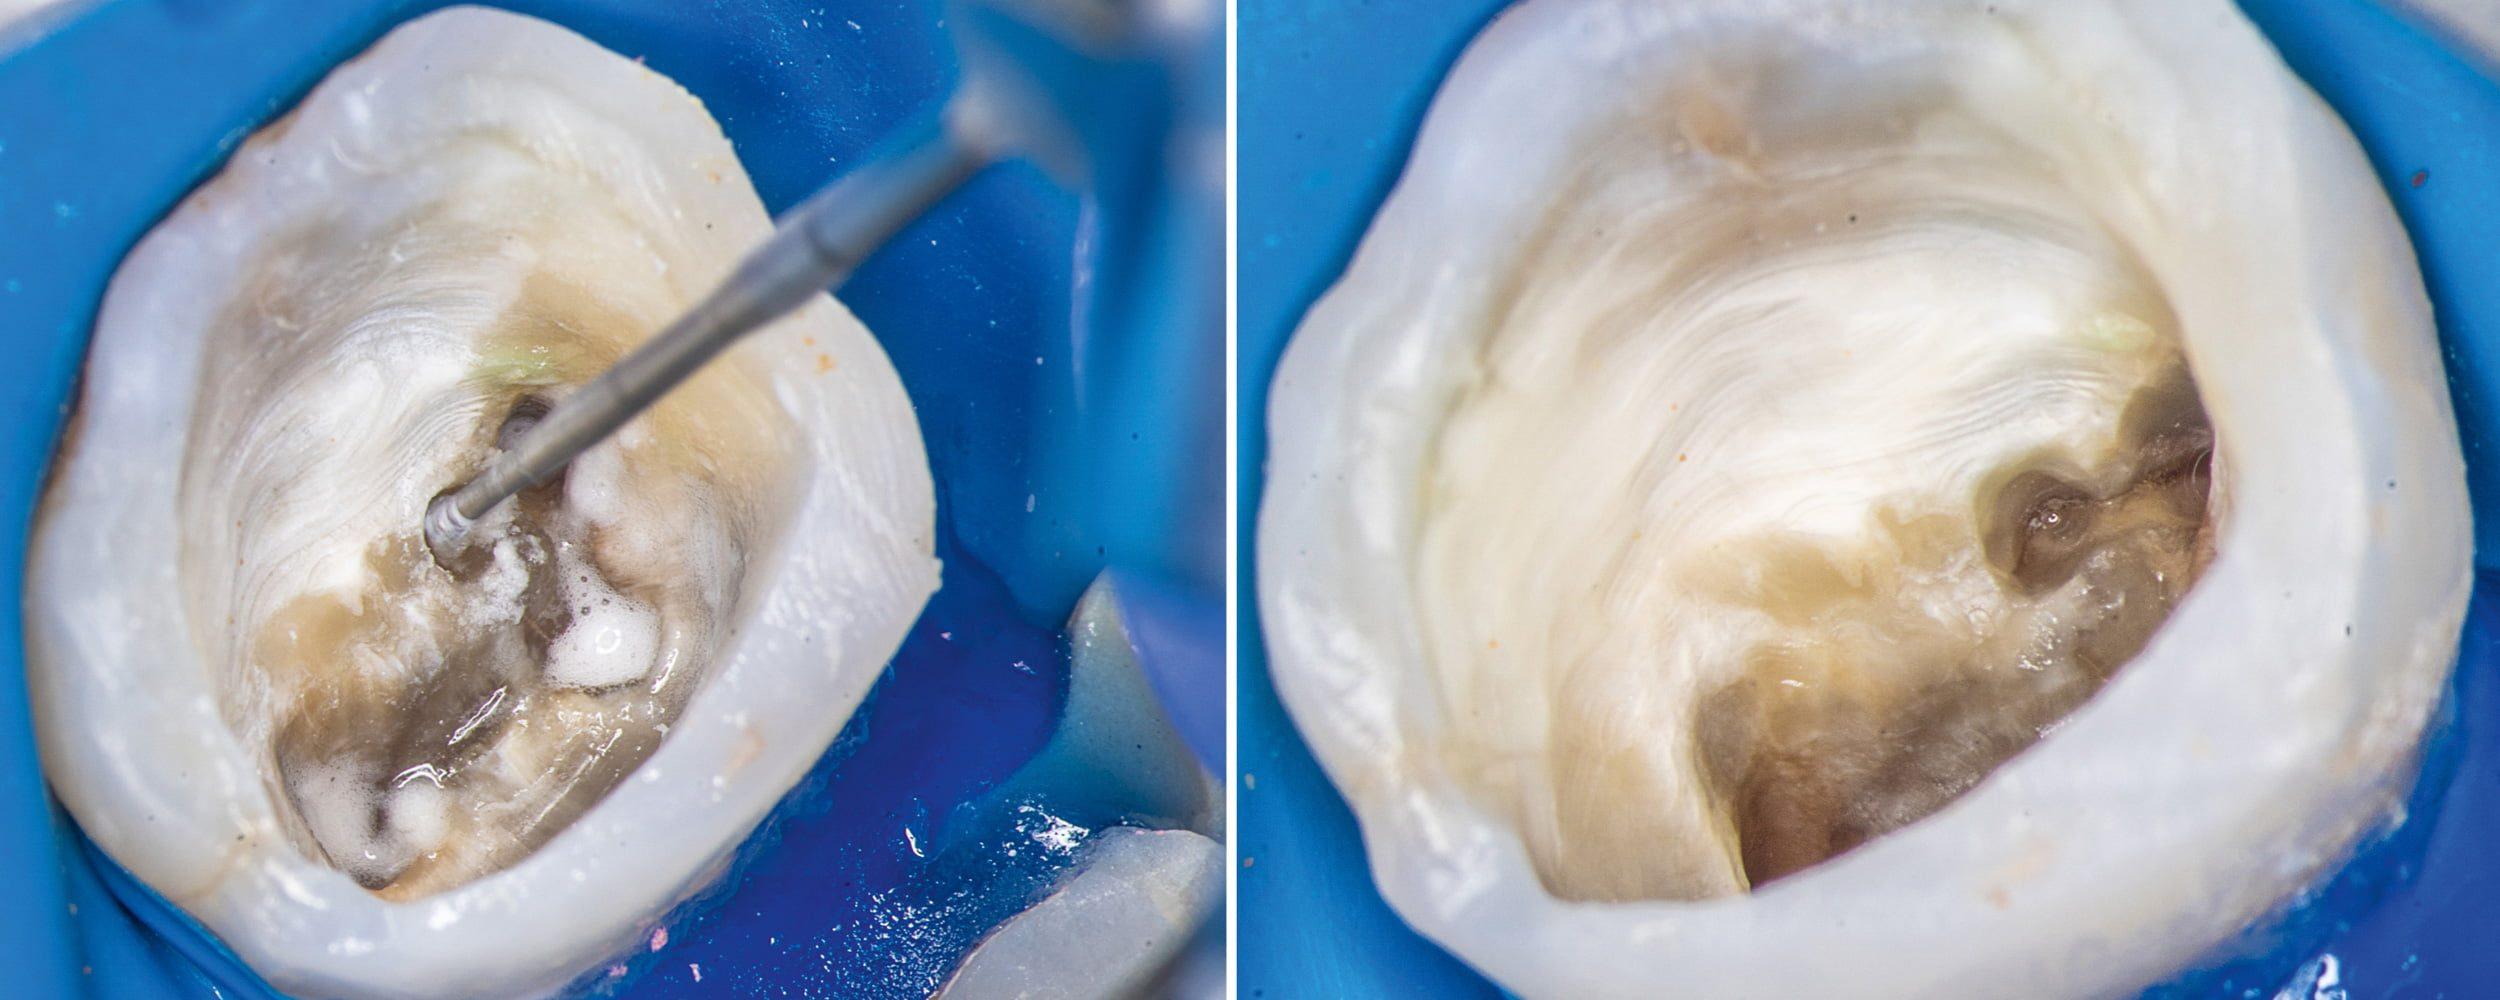 Przypadek 1 | Ryc. 4. Opracowanie wiertłem różyczkowym nawisu zębinowego nad kanałem MB2.